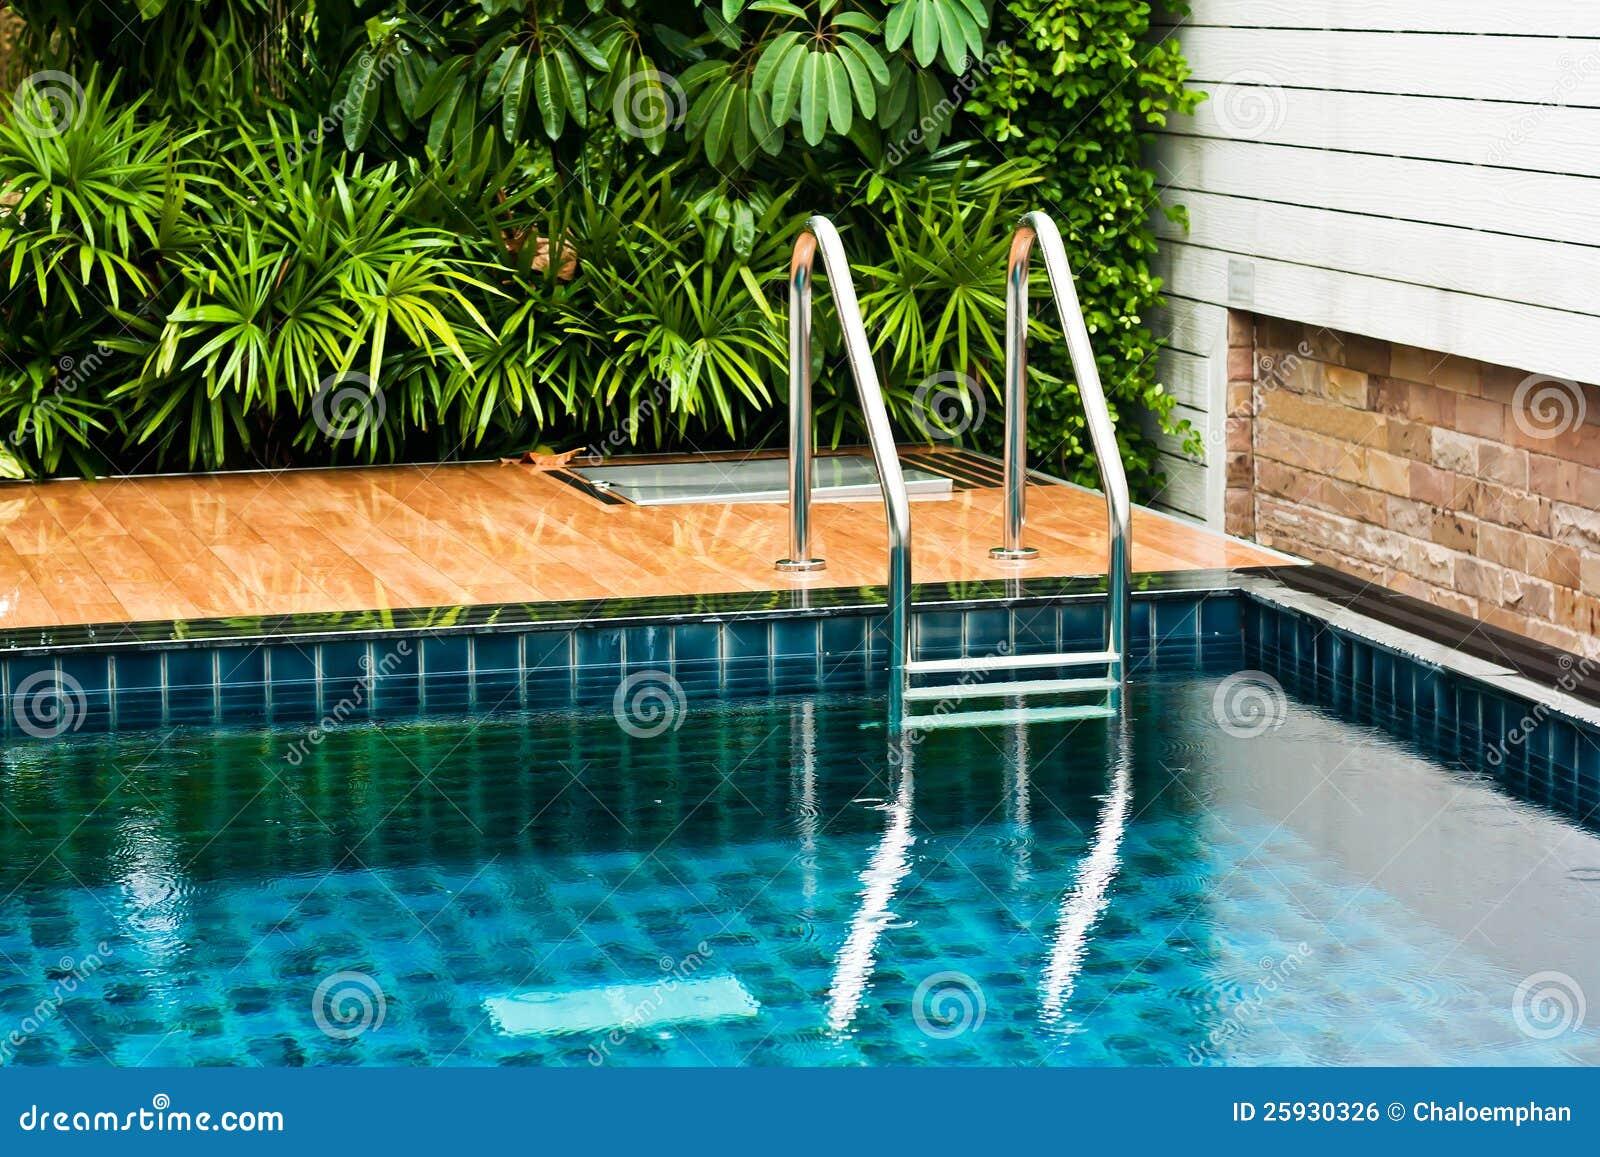 Lado da piscina no jardim imagem de stock royalty free imagem 25930326 - Business plan piscina ...